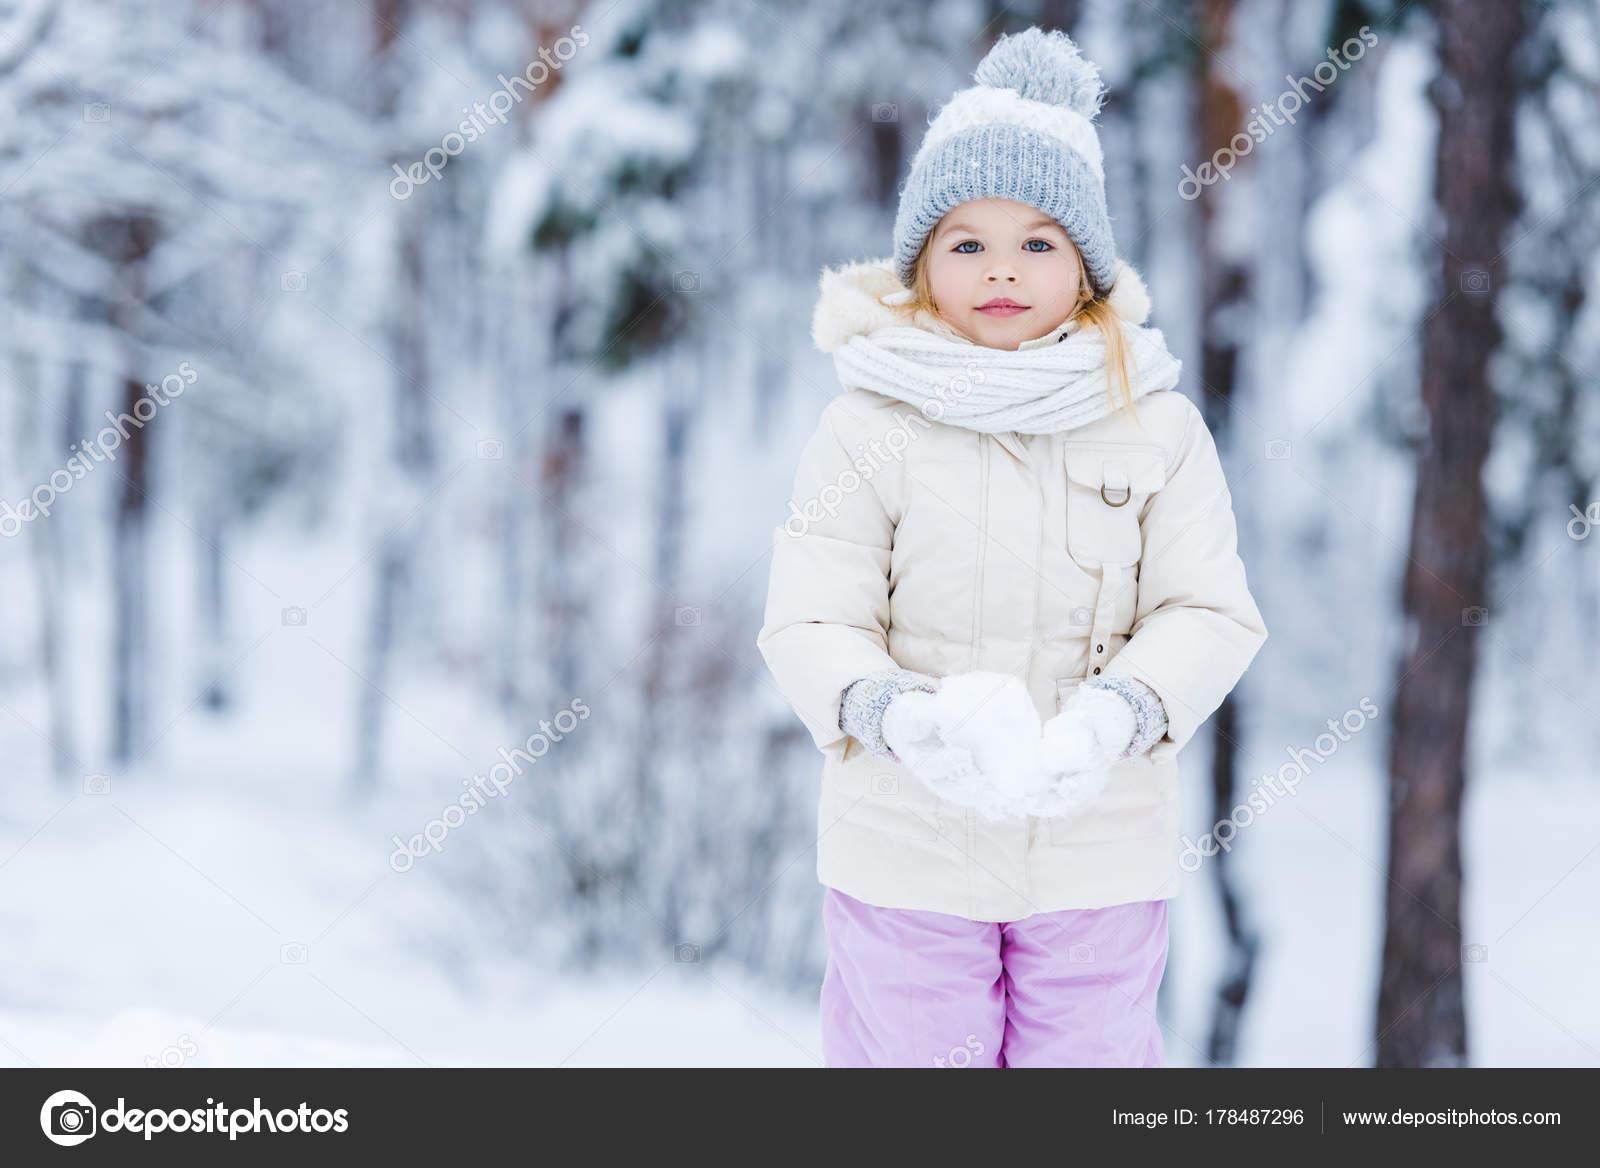 c6d06470b Portret Van Schattige Jongen Houdt Van Sneeuw Bal Handen Winter ...